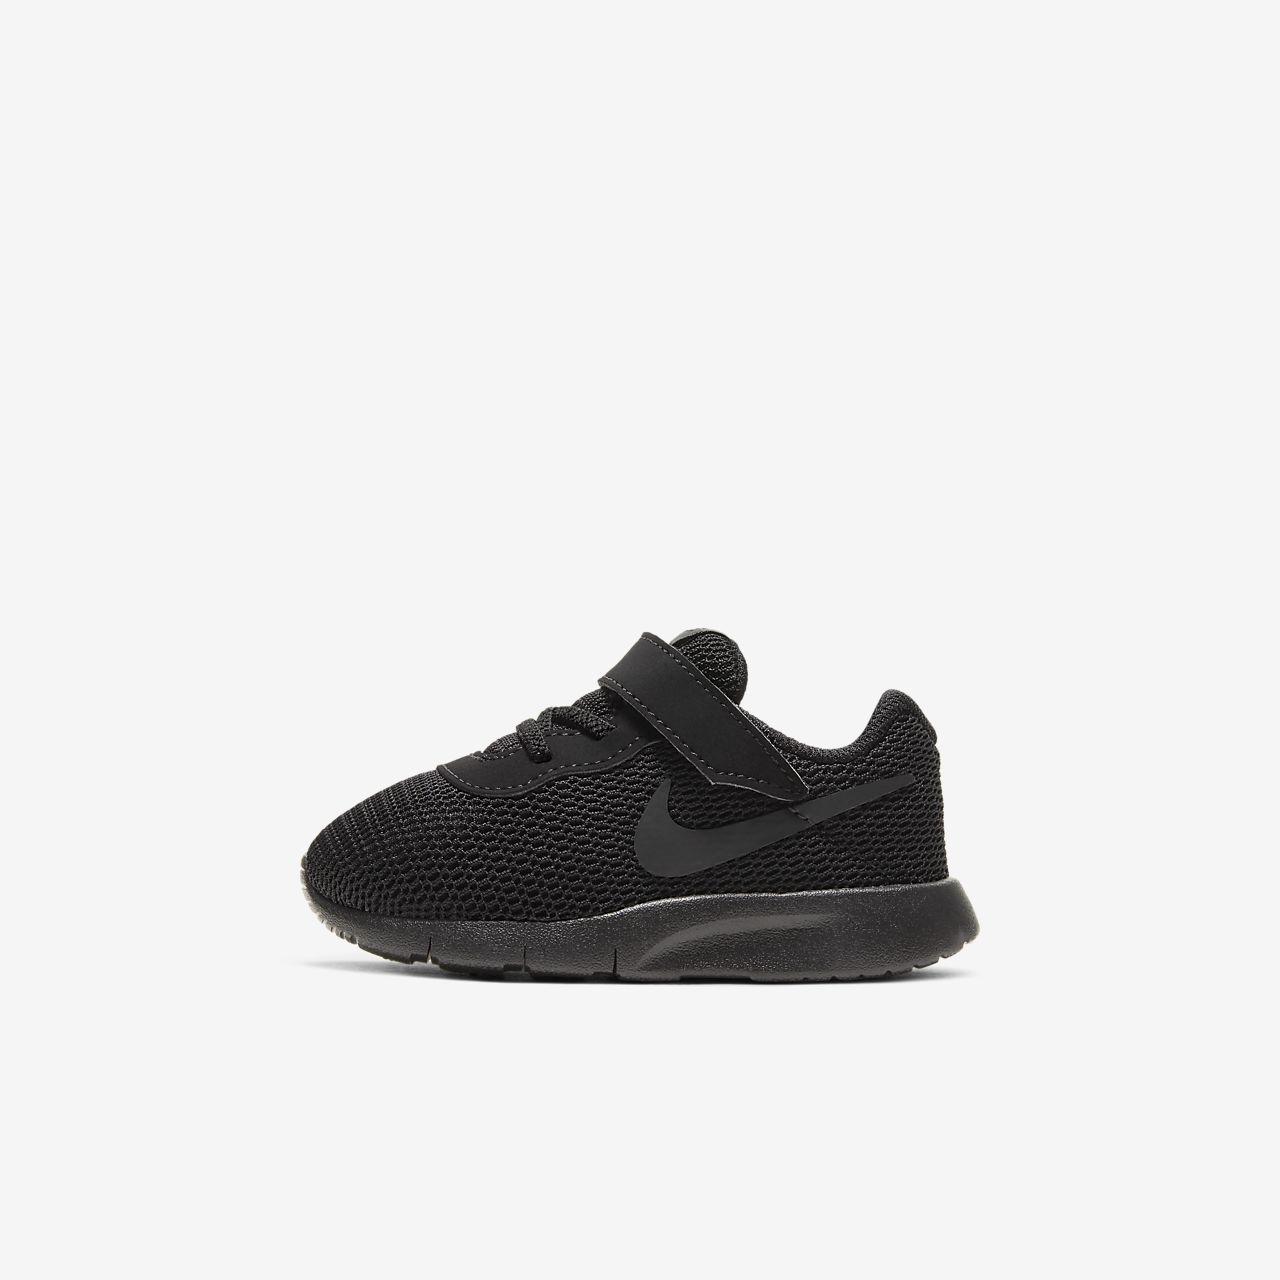 Calzado para bebé e infantil Nike Tanjun 8 16 cm